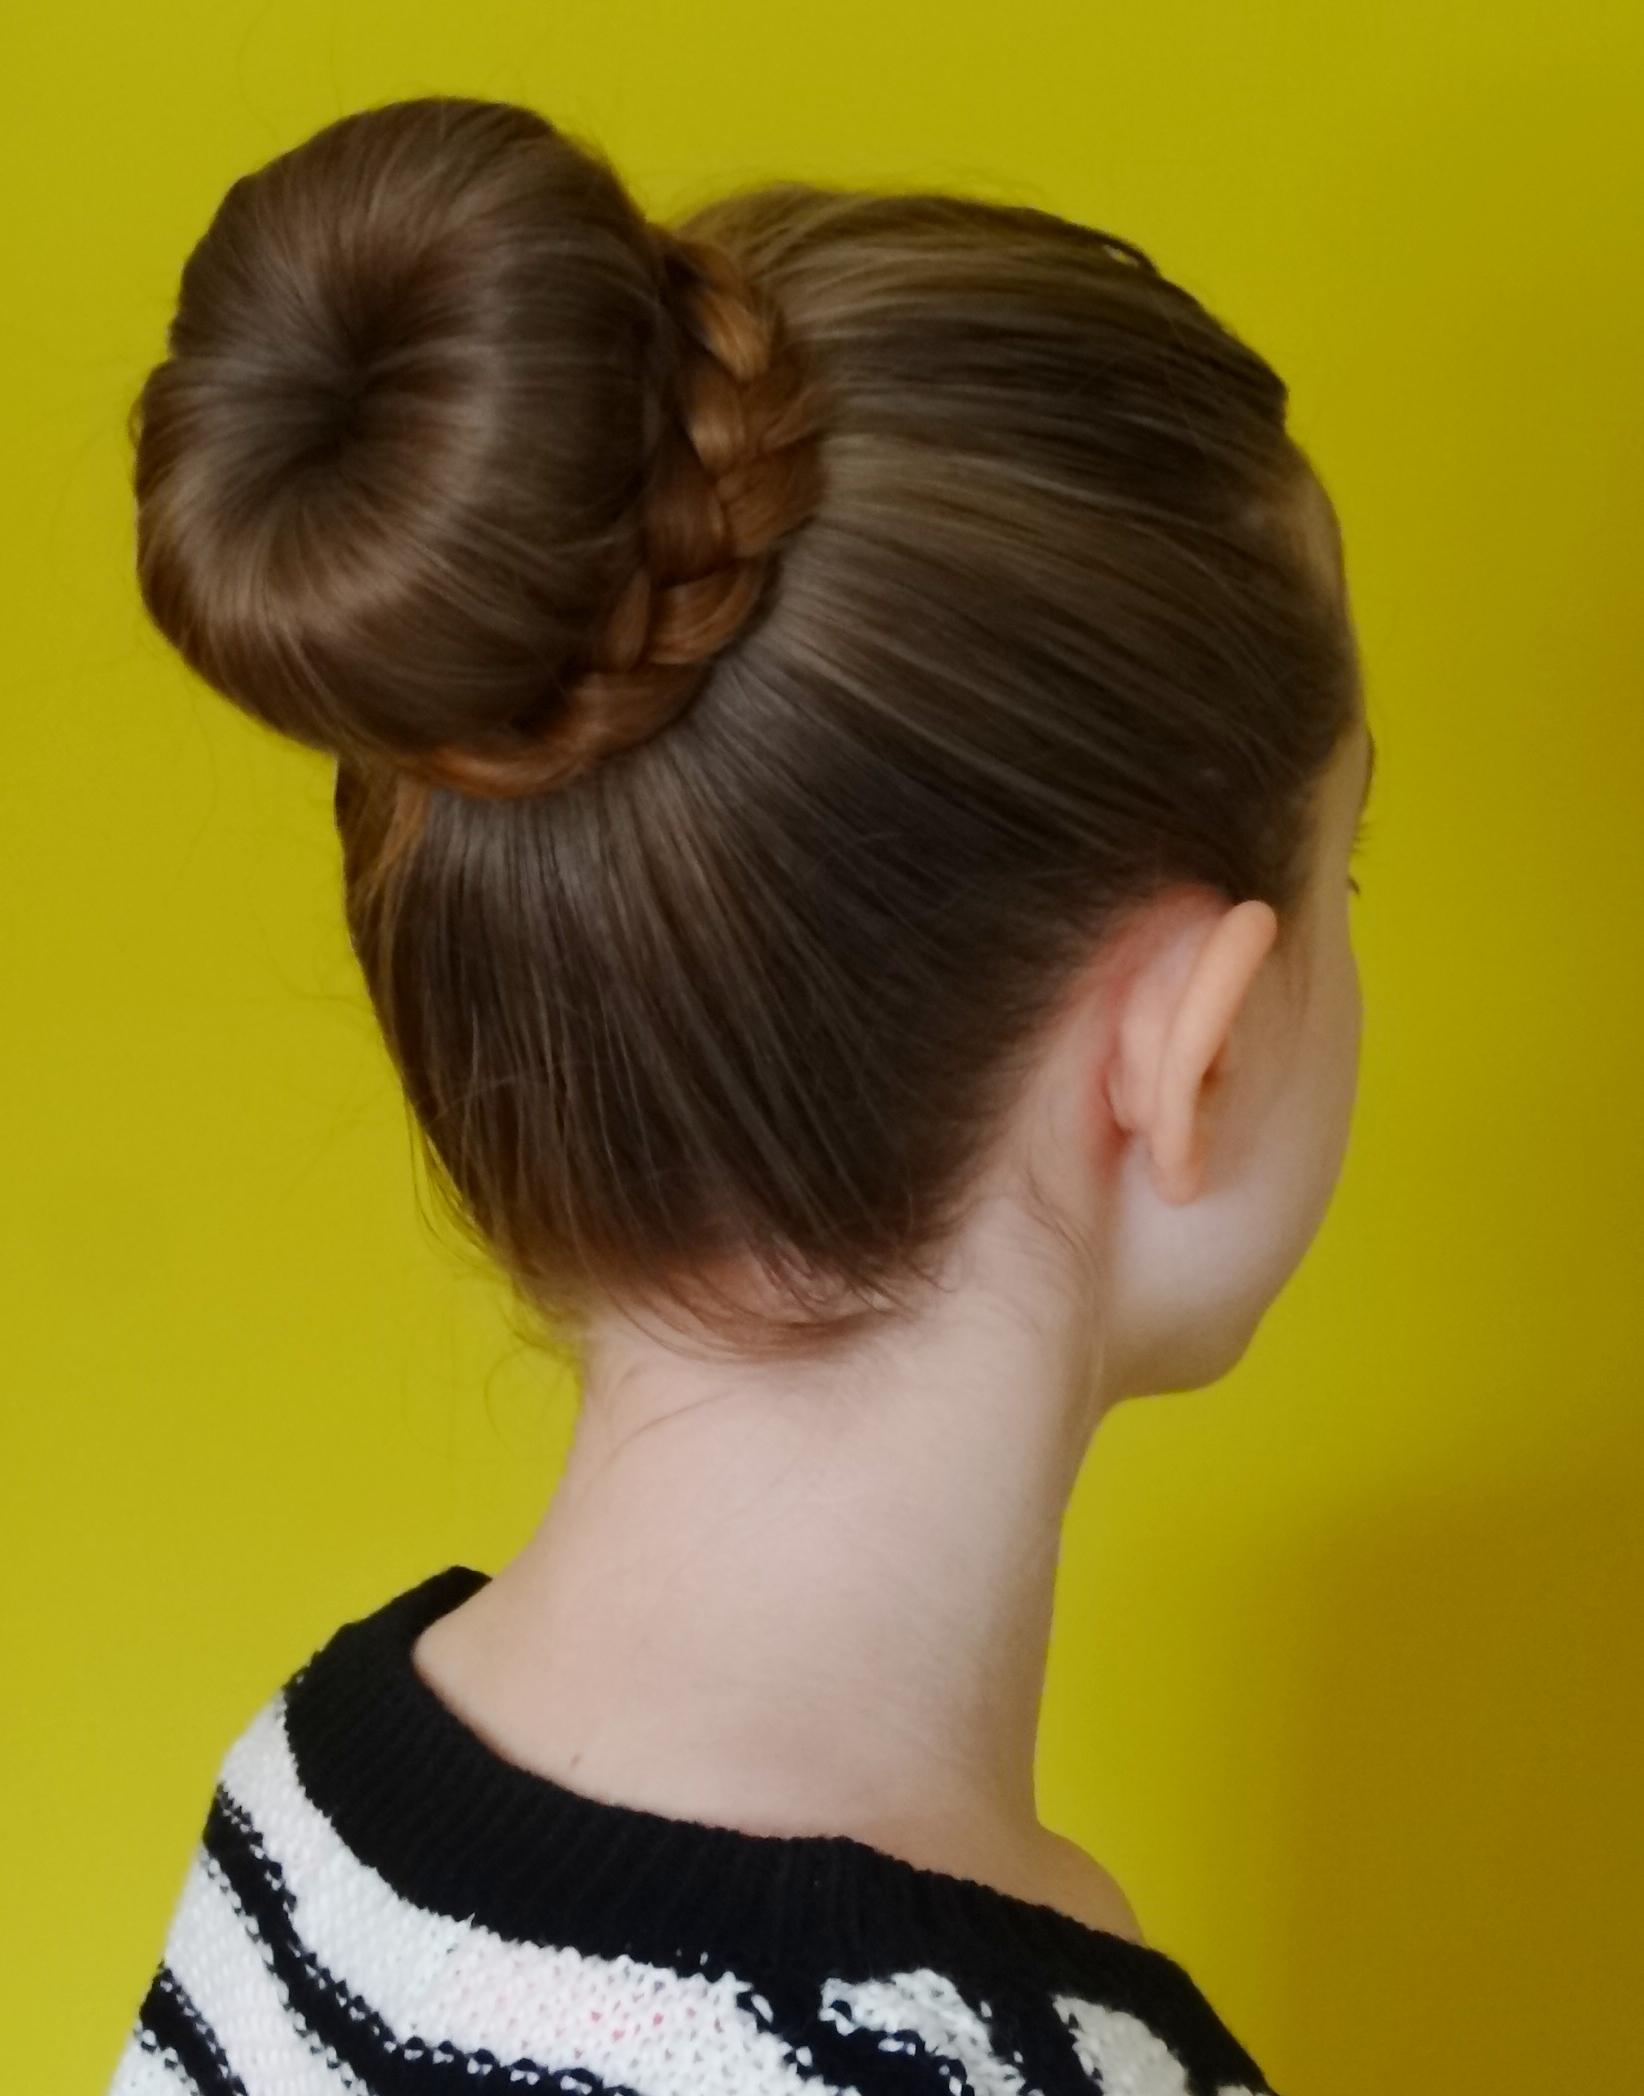 Bun (hairstyle) - Wikipedia